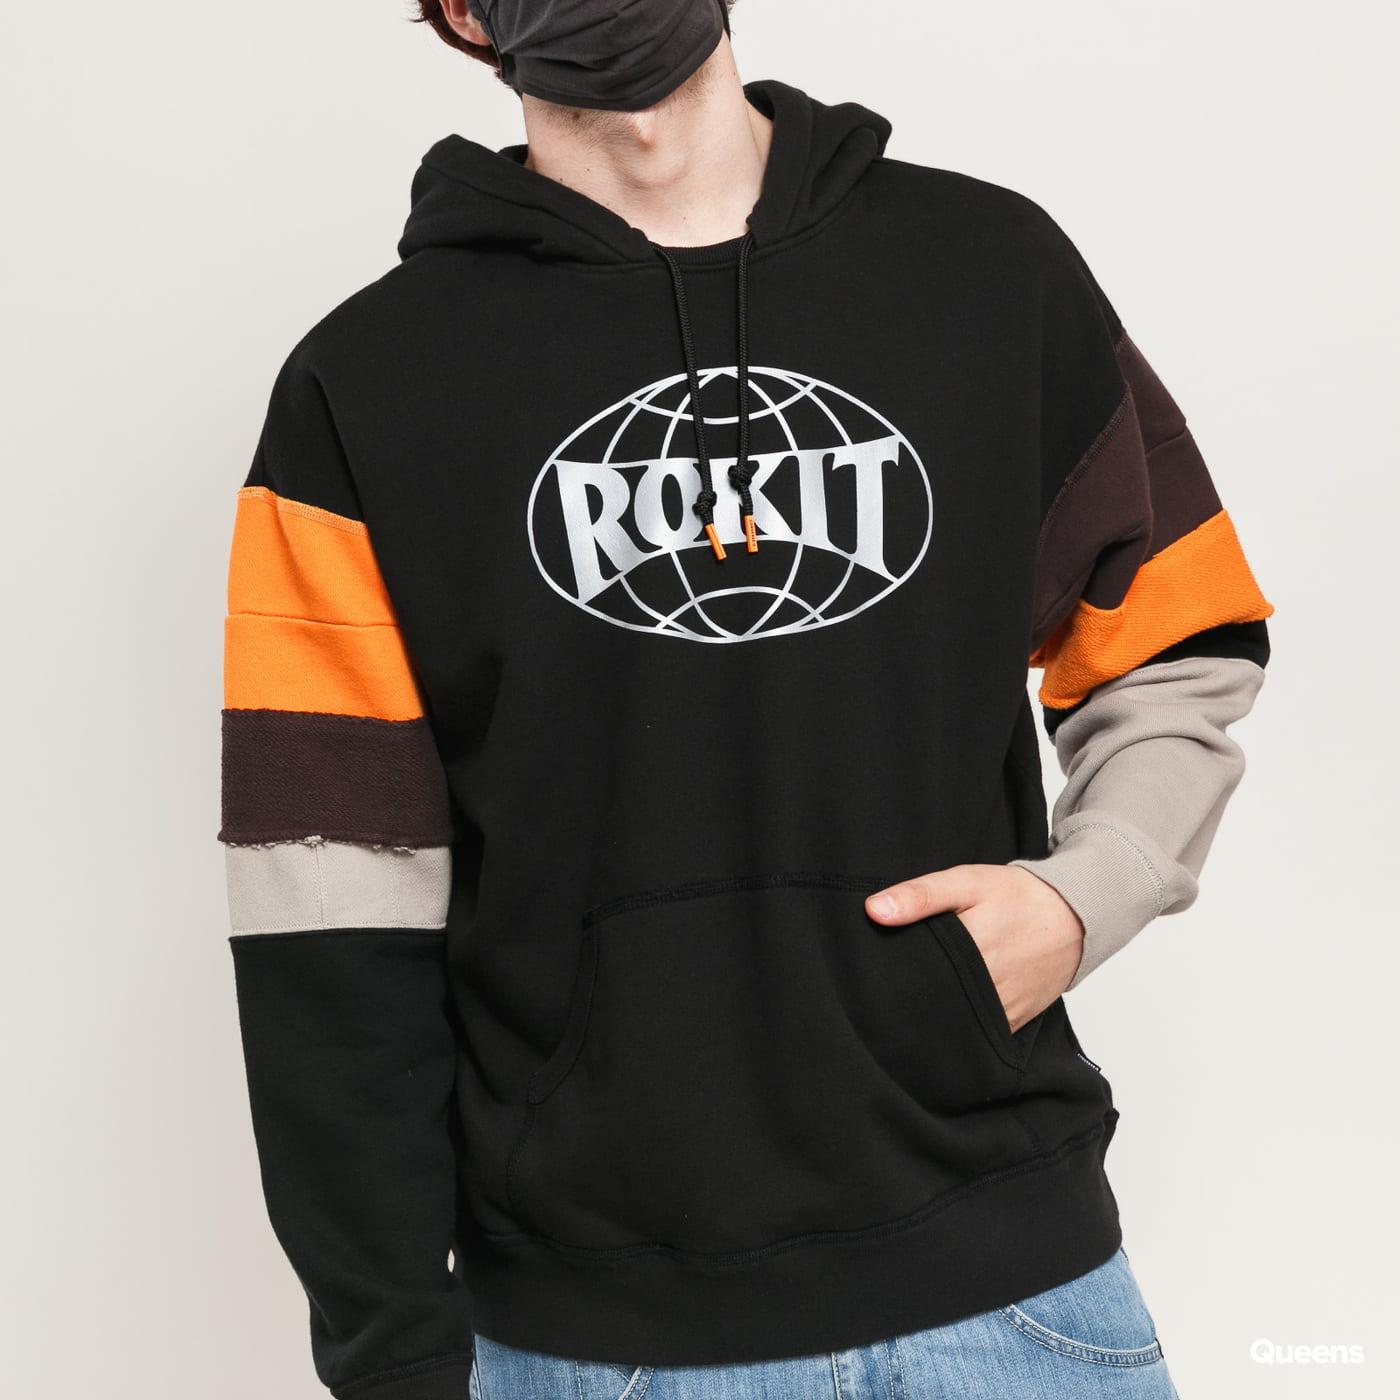 Converse X Rokit Pullover Hoodie black